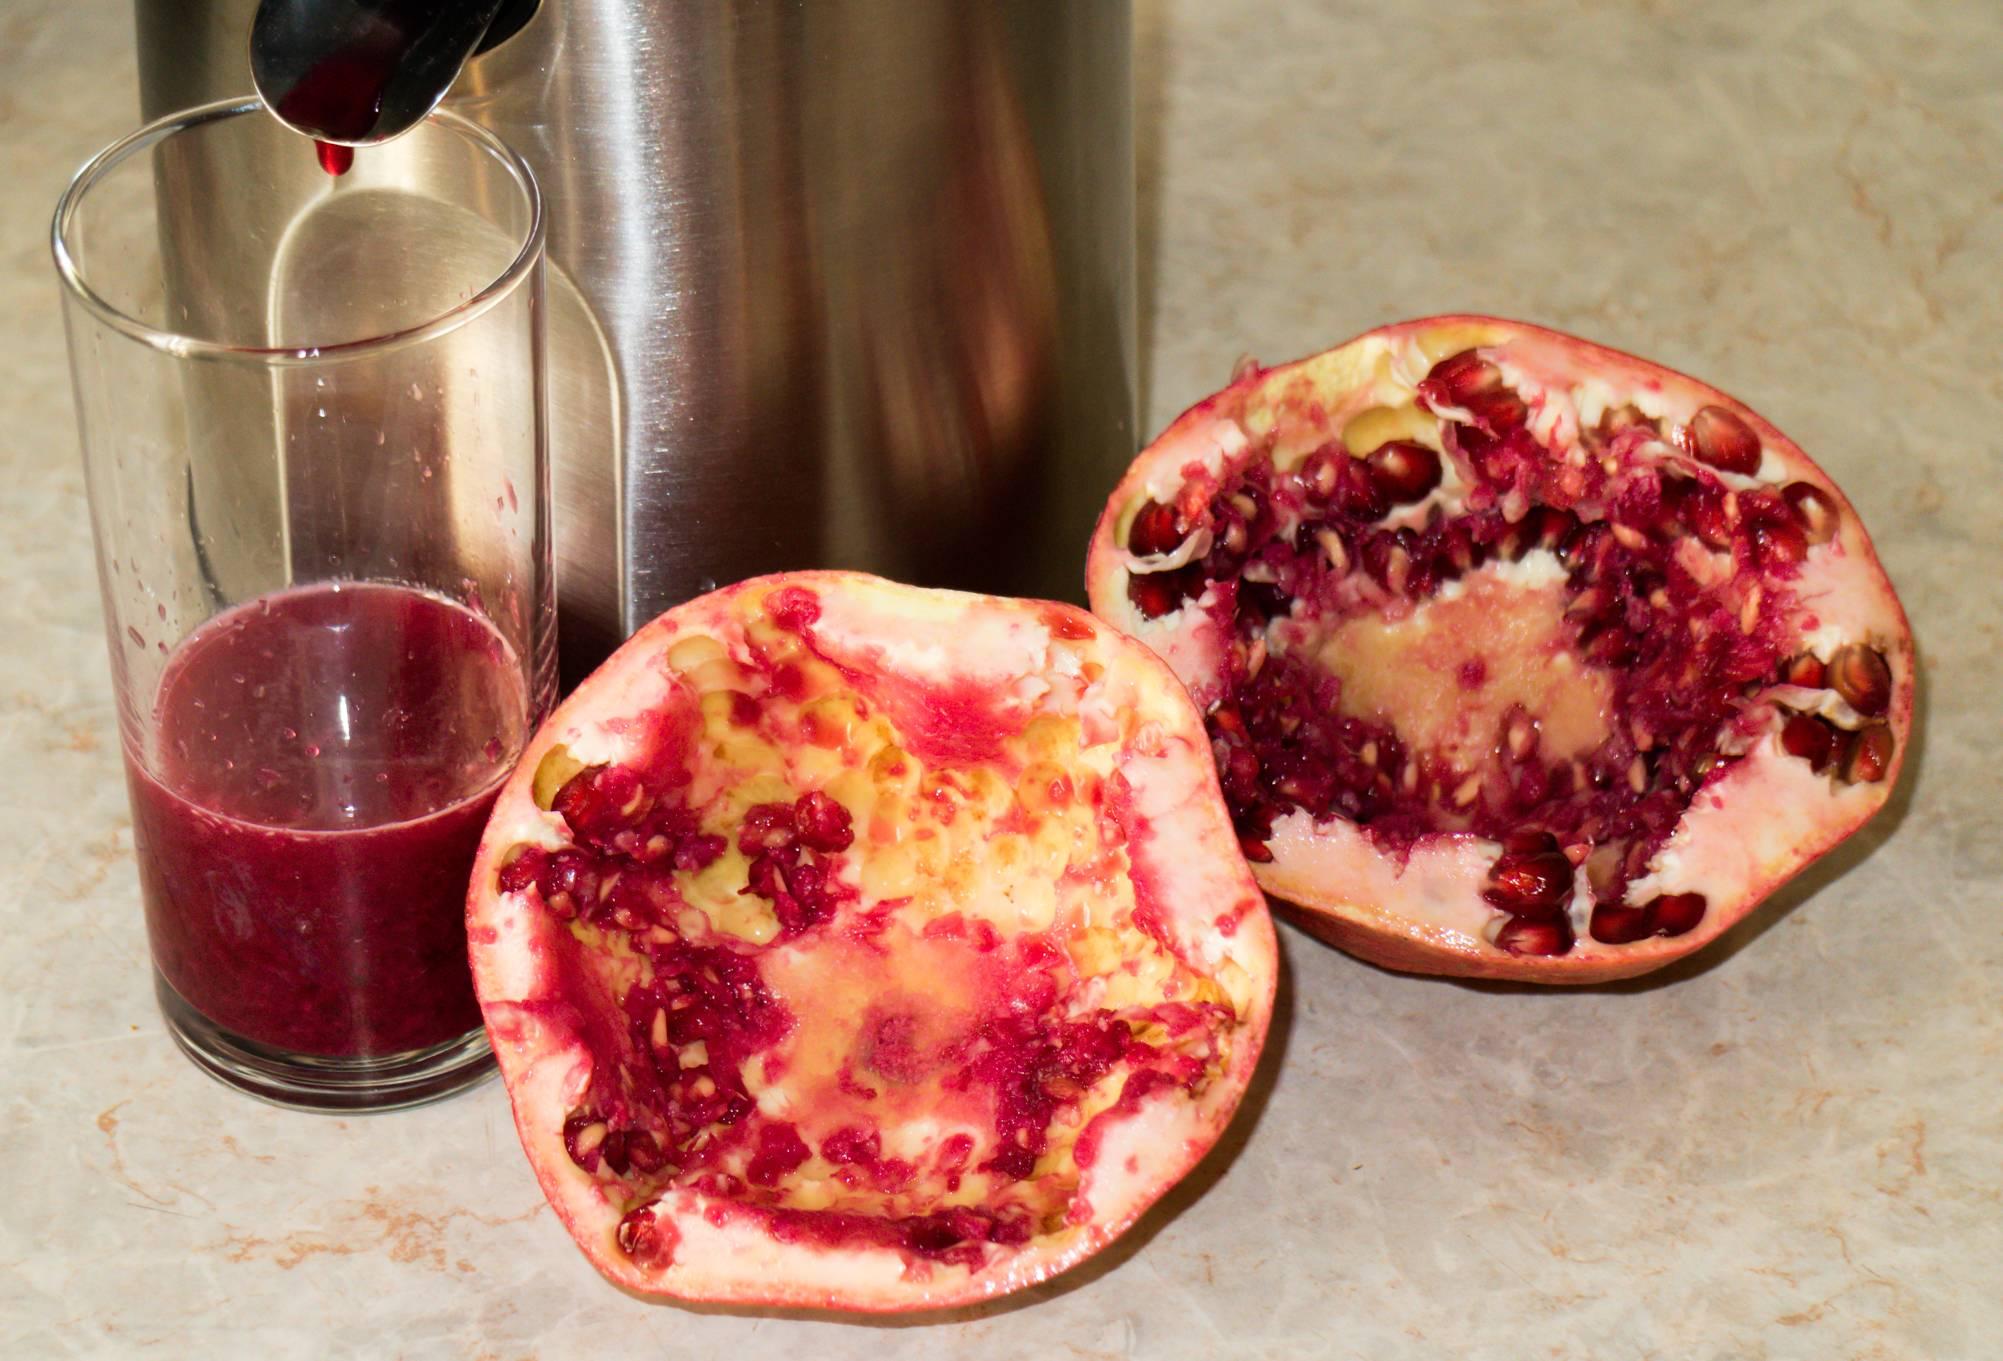 Как выжать (выдавить) сок из граната: в соковыжималке и без, вручную, срок хранения